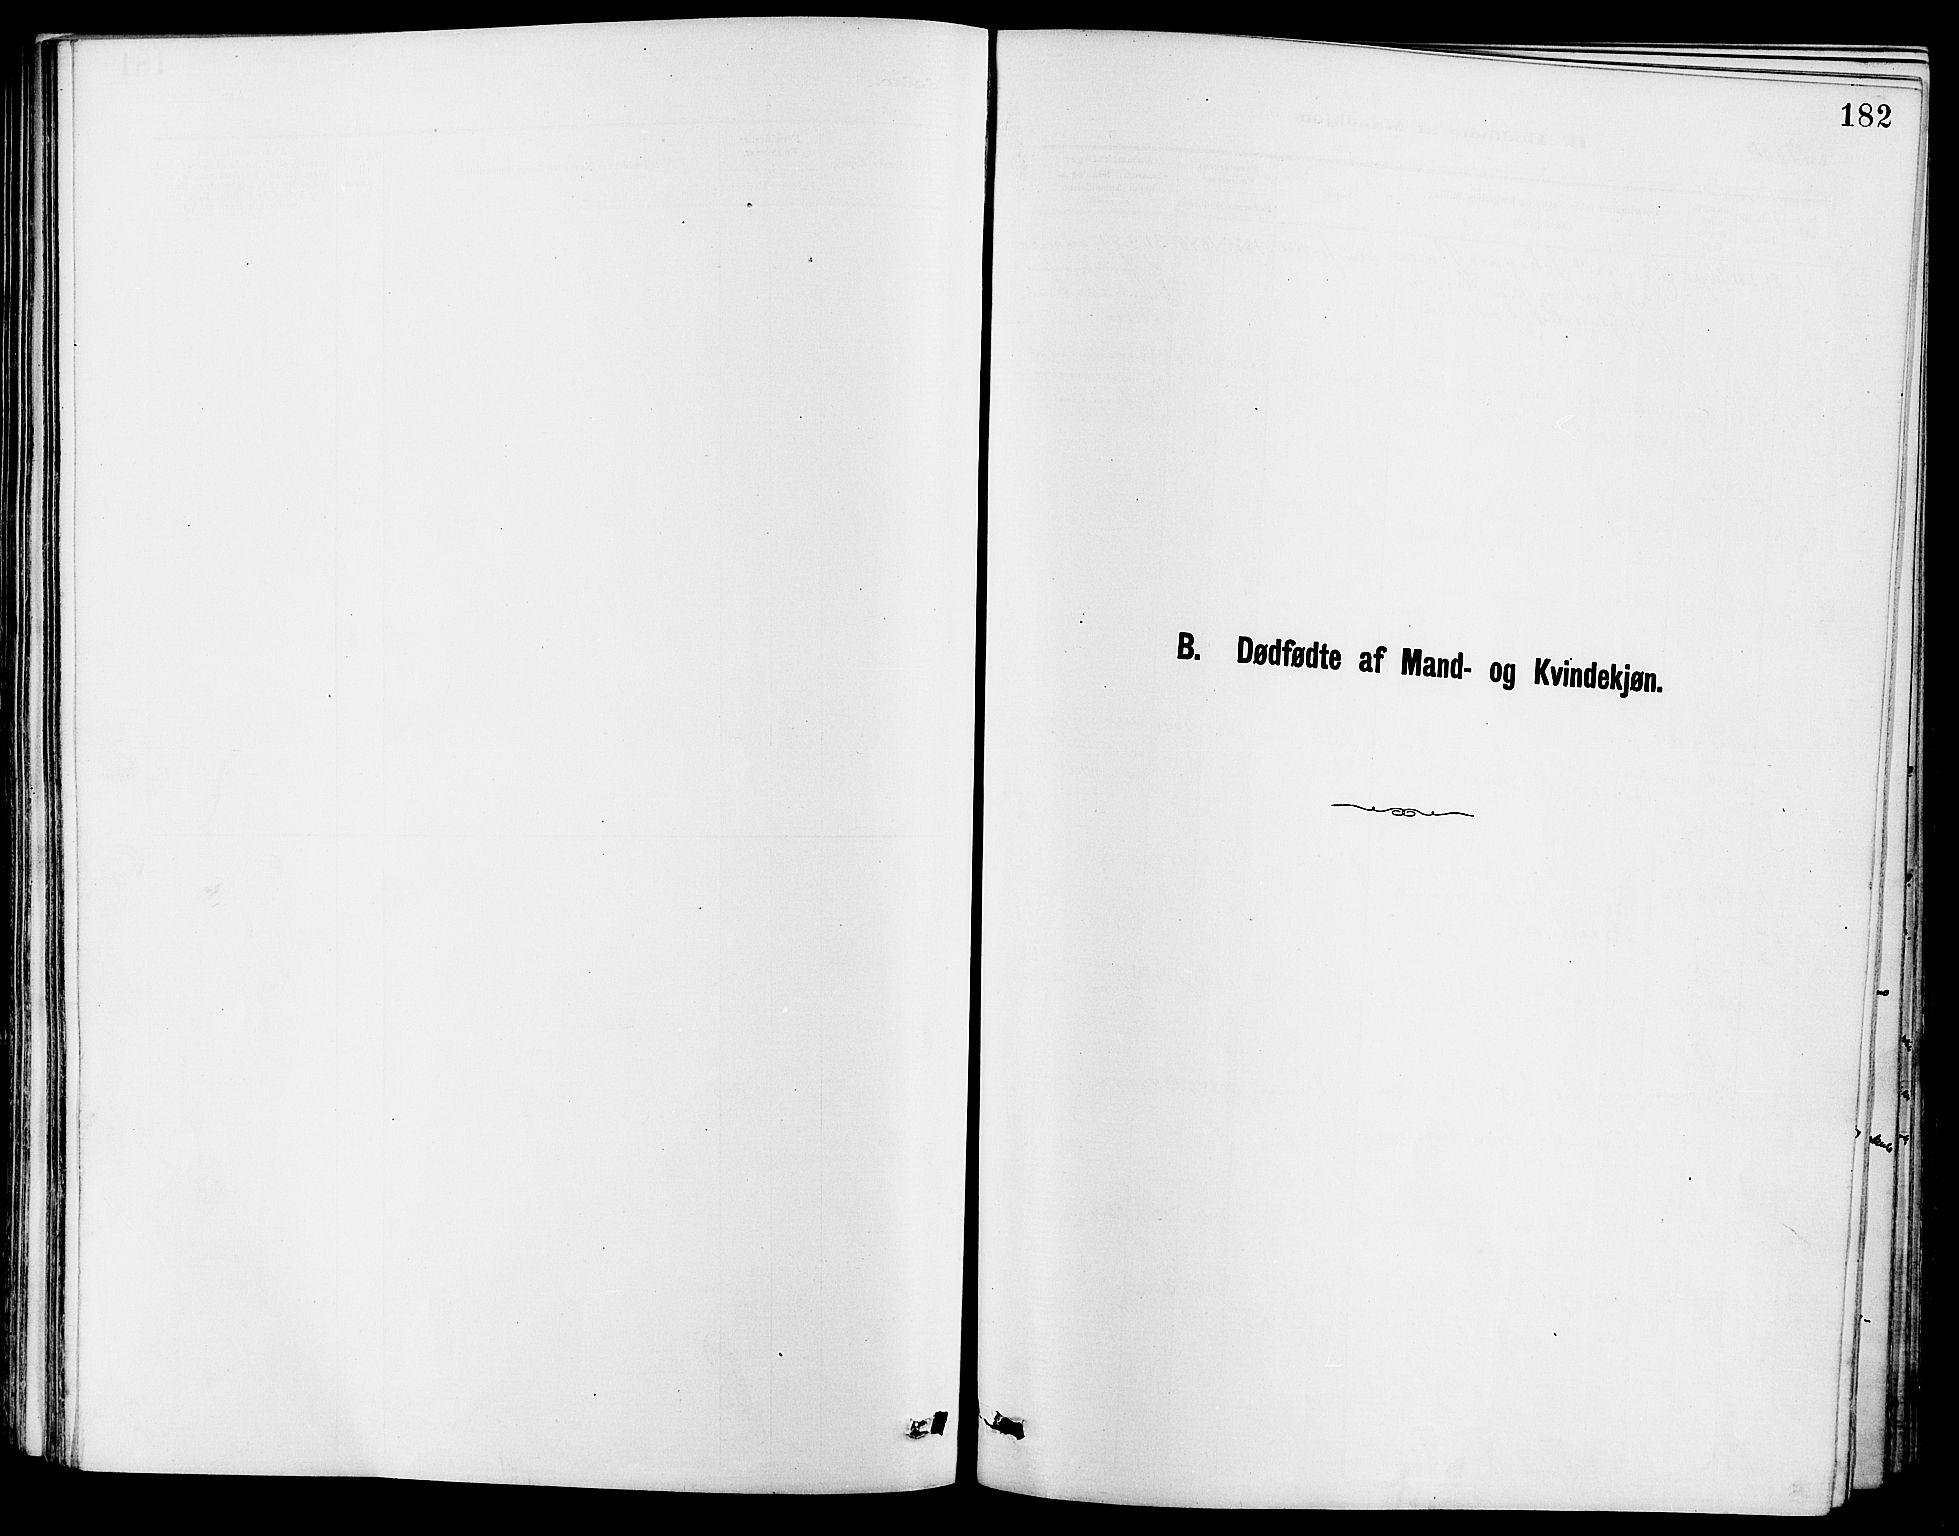 SAH, Dovre prestekontor, Klokkerbok nr. 2, 1881-1907, s. 182